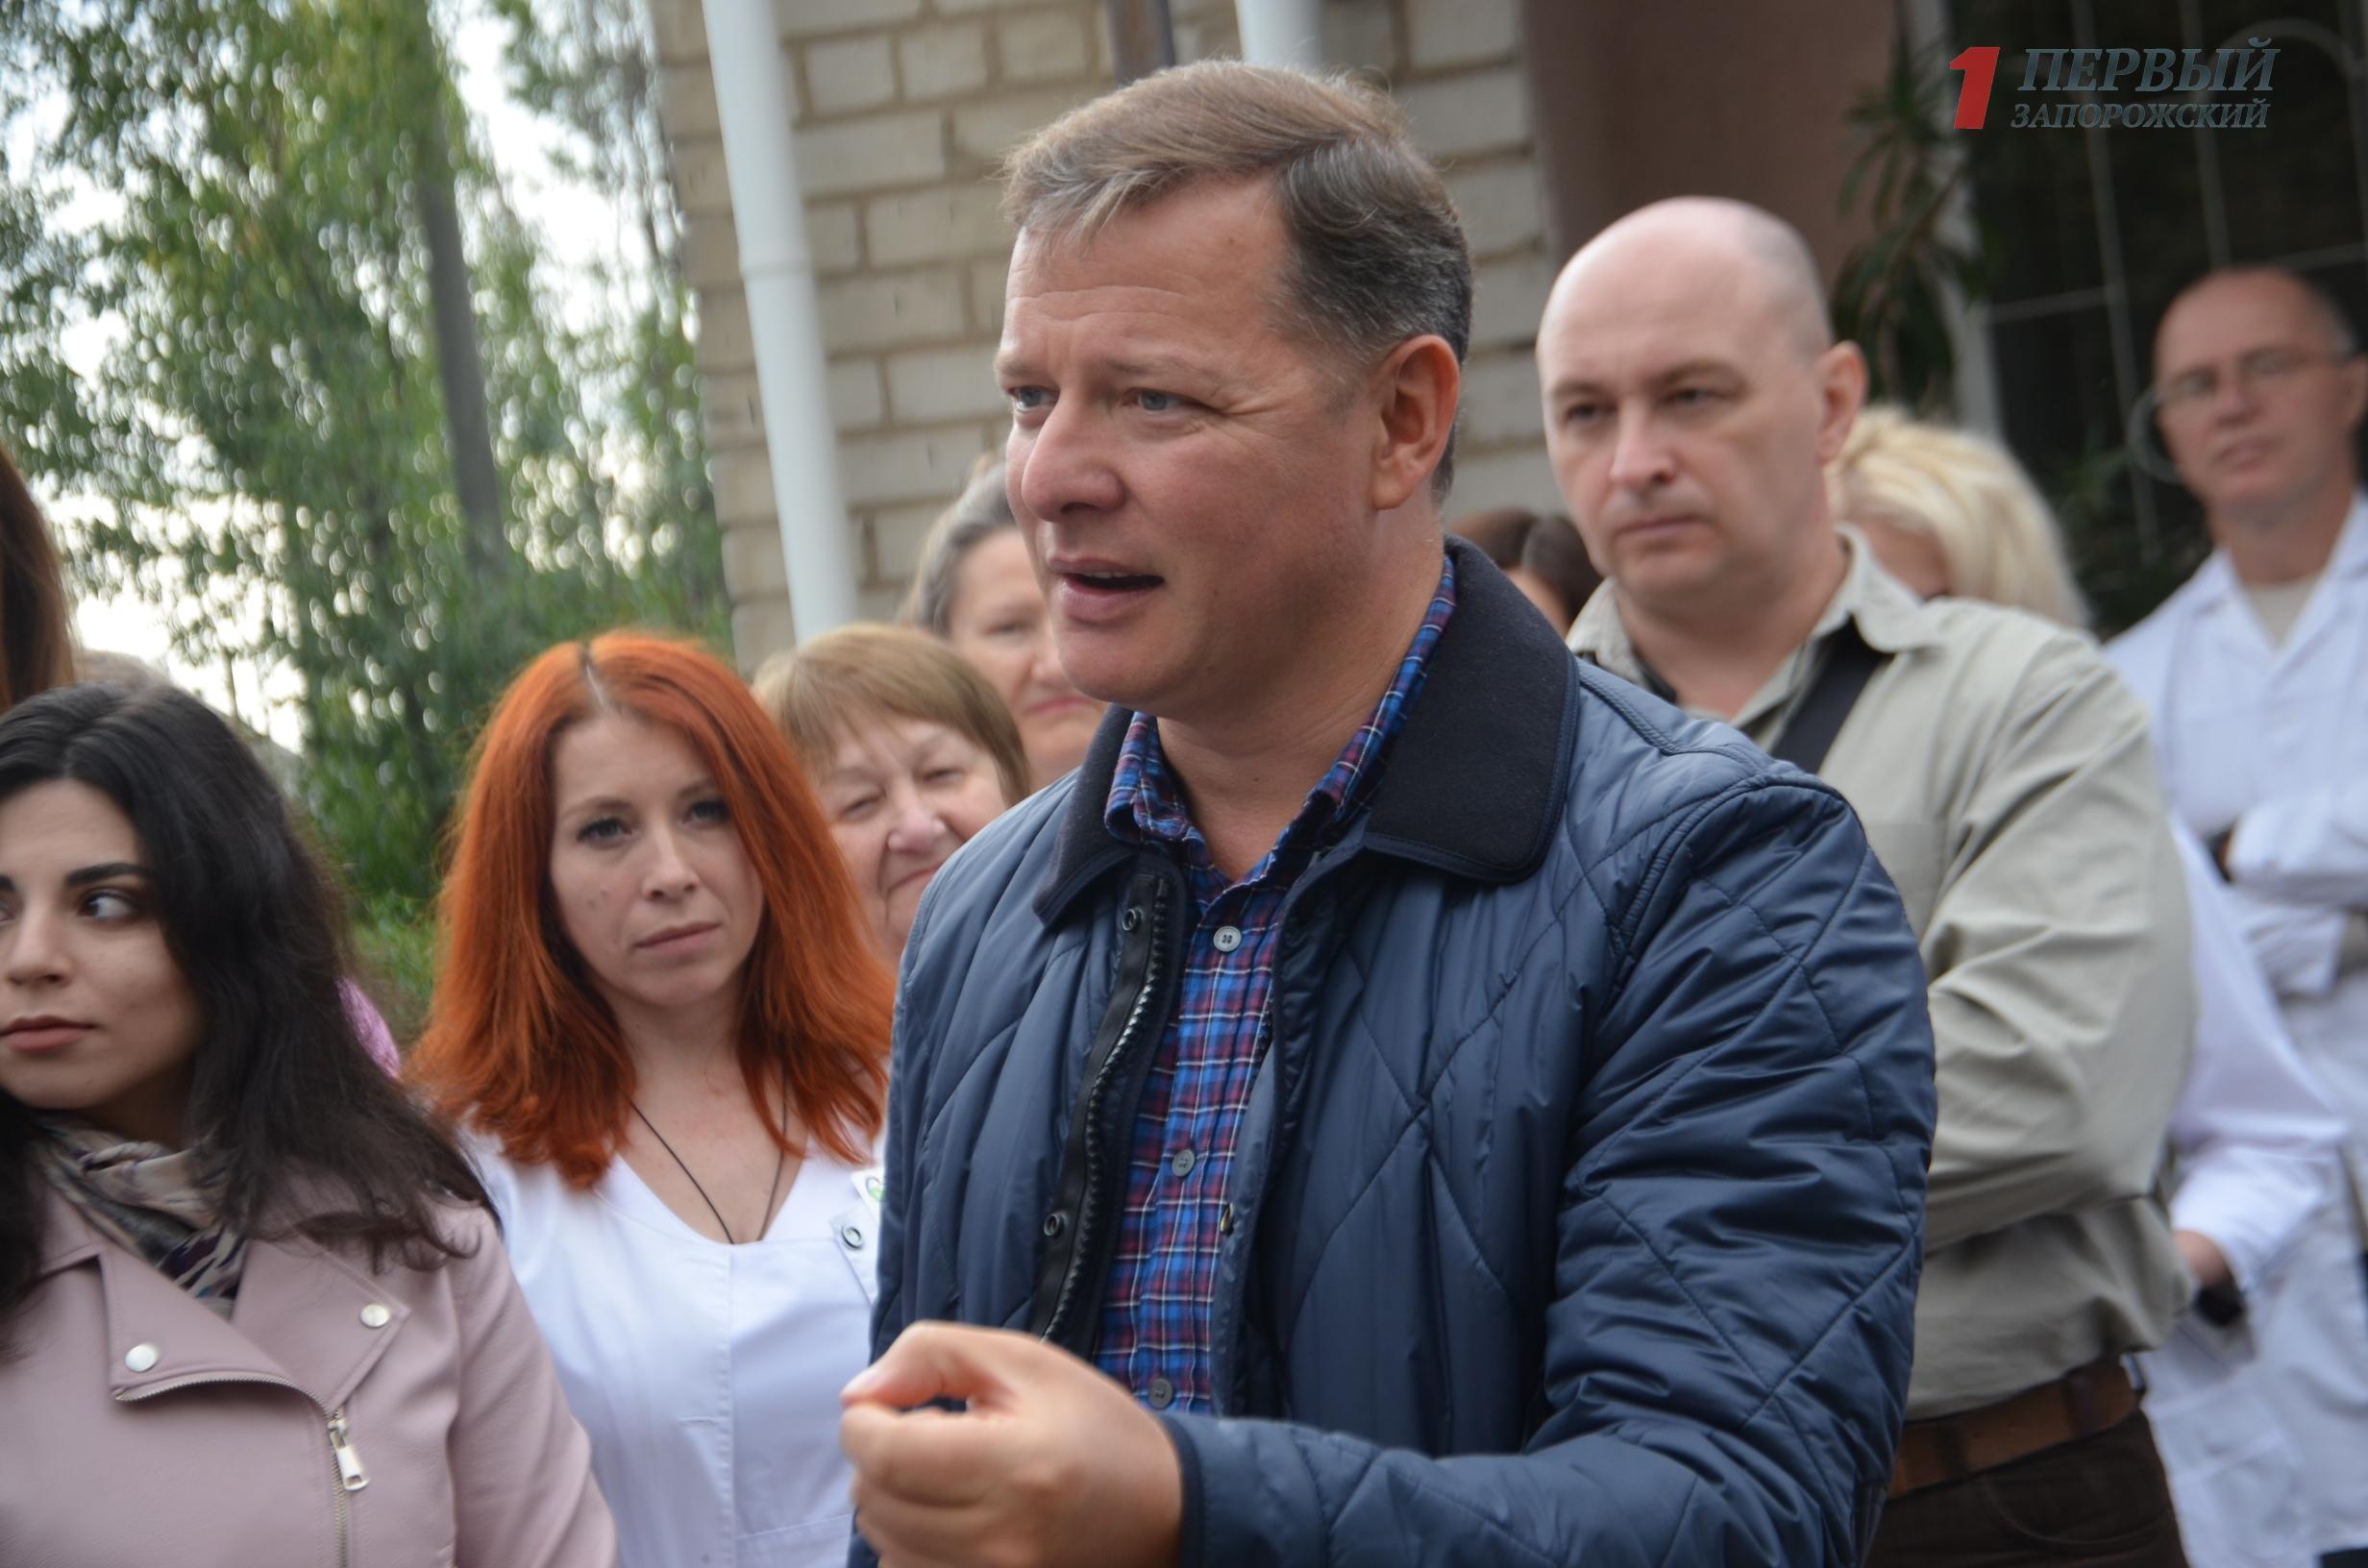 Олег Ляшко посетил запорожский онкодиспансер, где откроют новый корпус для проведения лучевой терапии – ФОТО